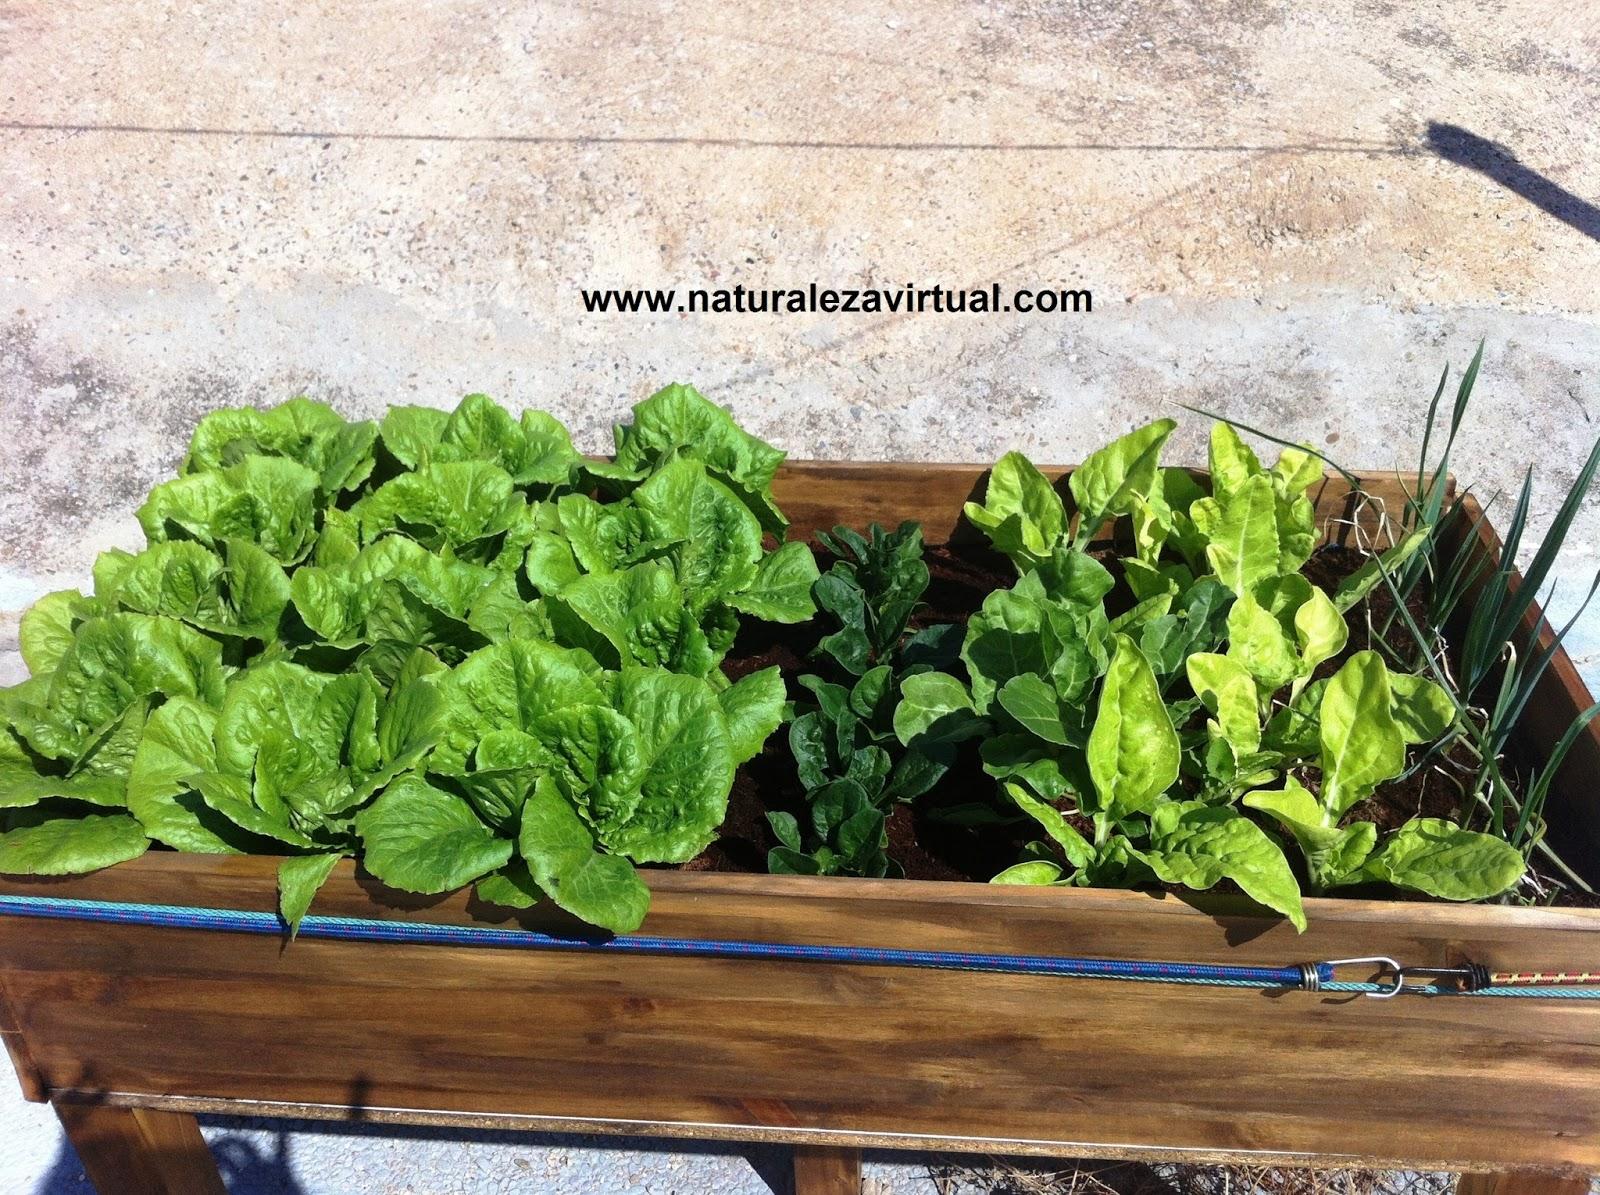 Macetohuerto mesas de cultivo cultivo en macetas for Mesa de cultivo casera